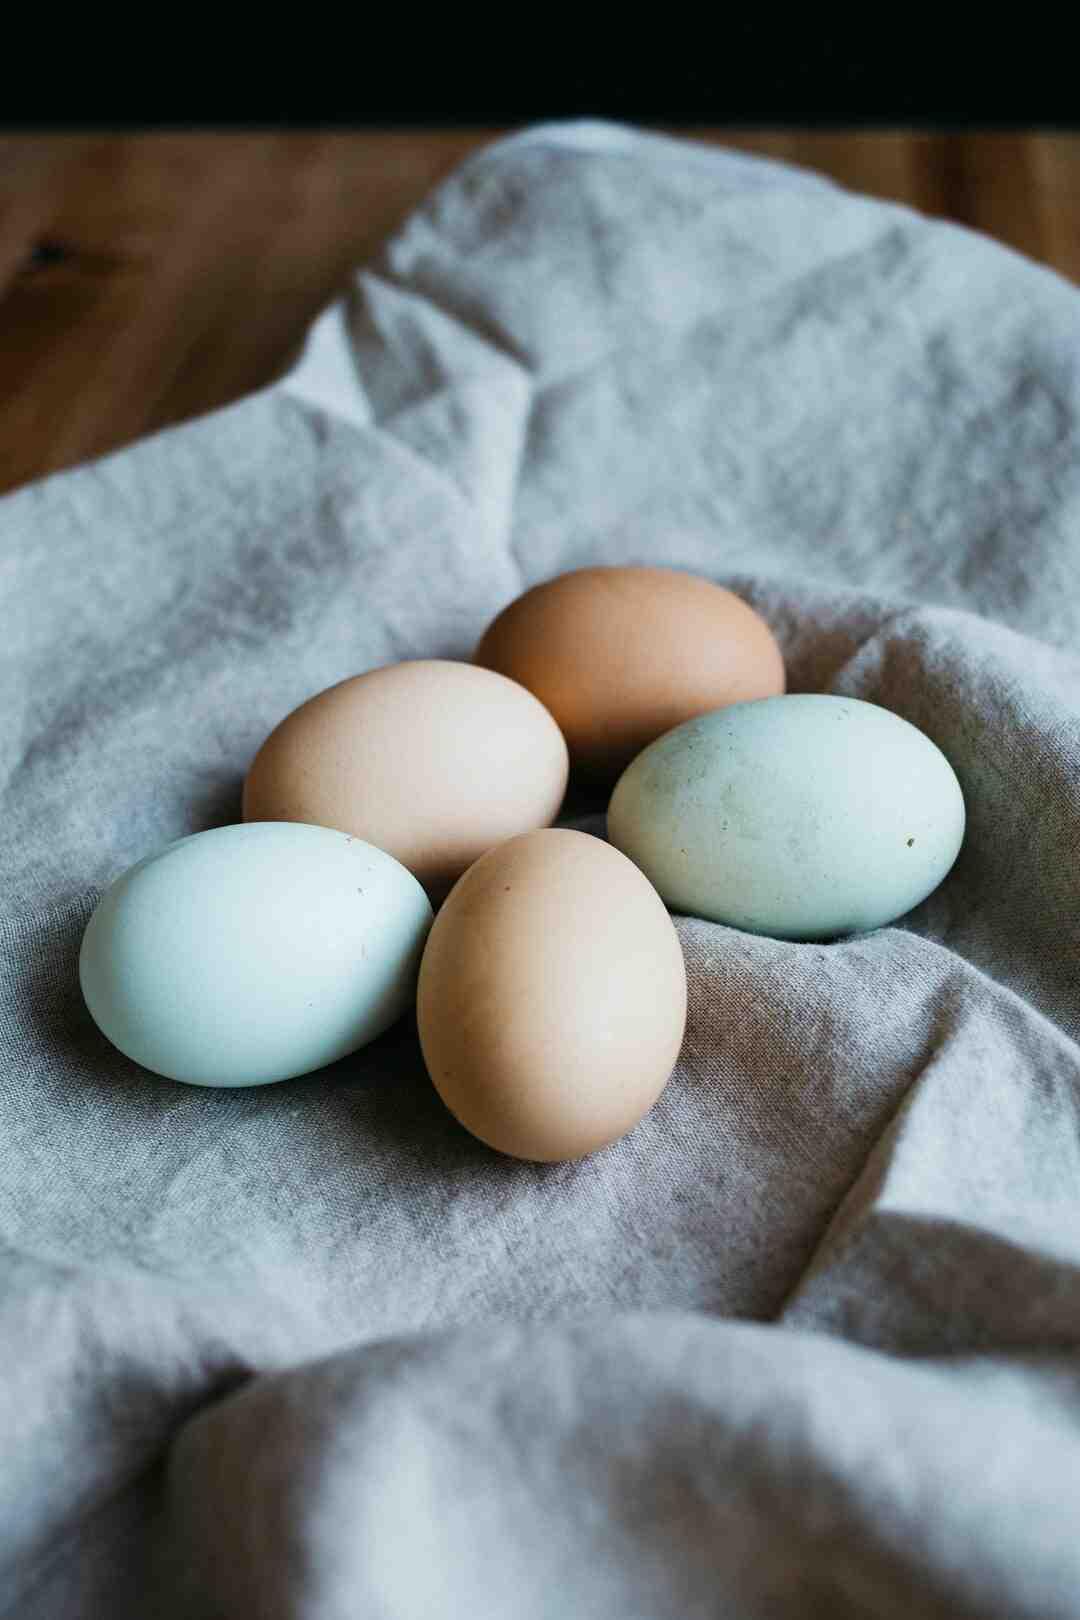 Pourquoi Utilise-t-on des ovoproduits ?